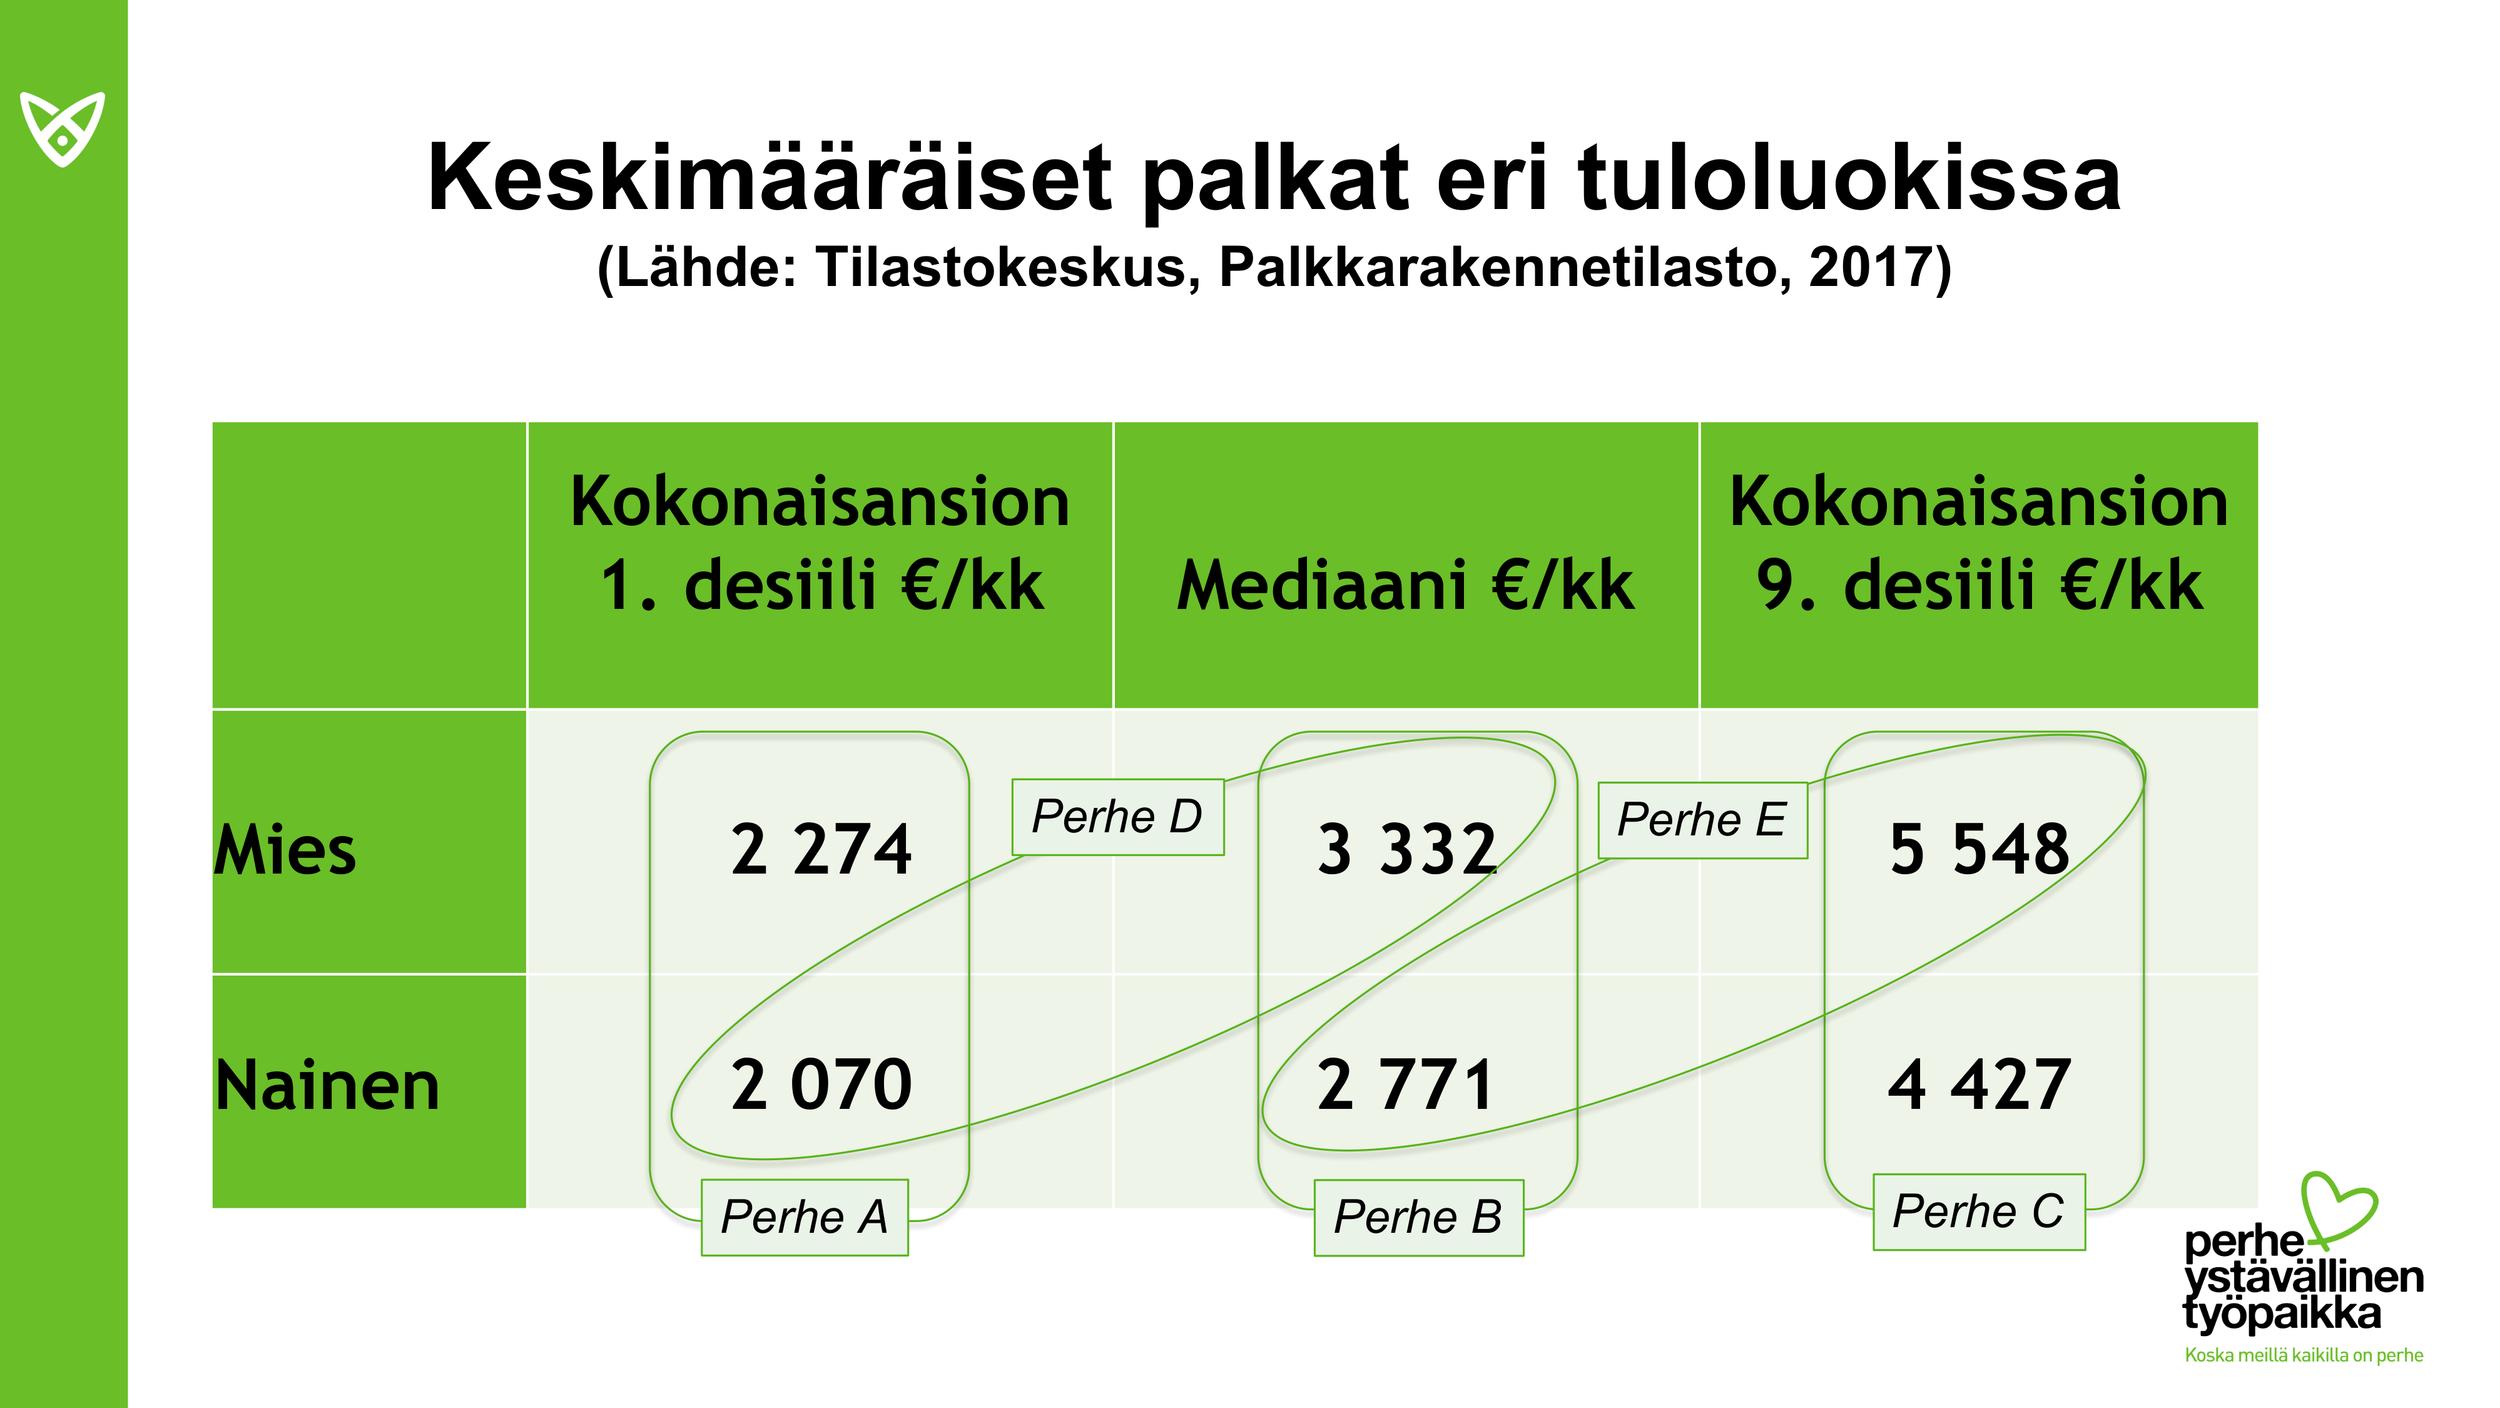 Kun vanhempien tuloerot ovat suuret (perhe E, tuloero 2777 €/kk), korkeimpiin nettotuloihin päästään perhevapaita jakamalla.